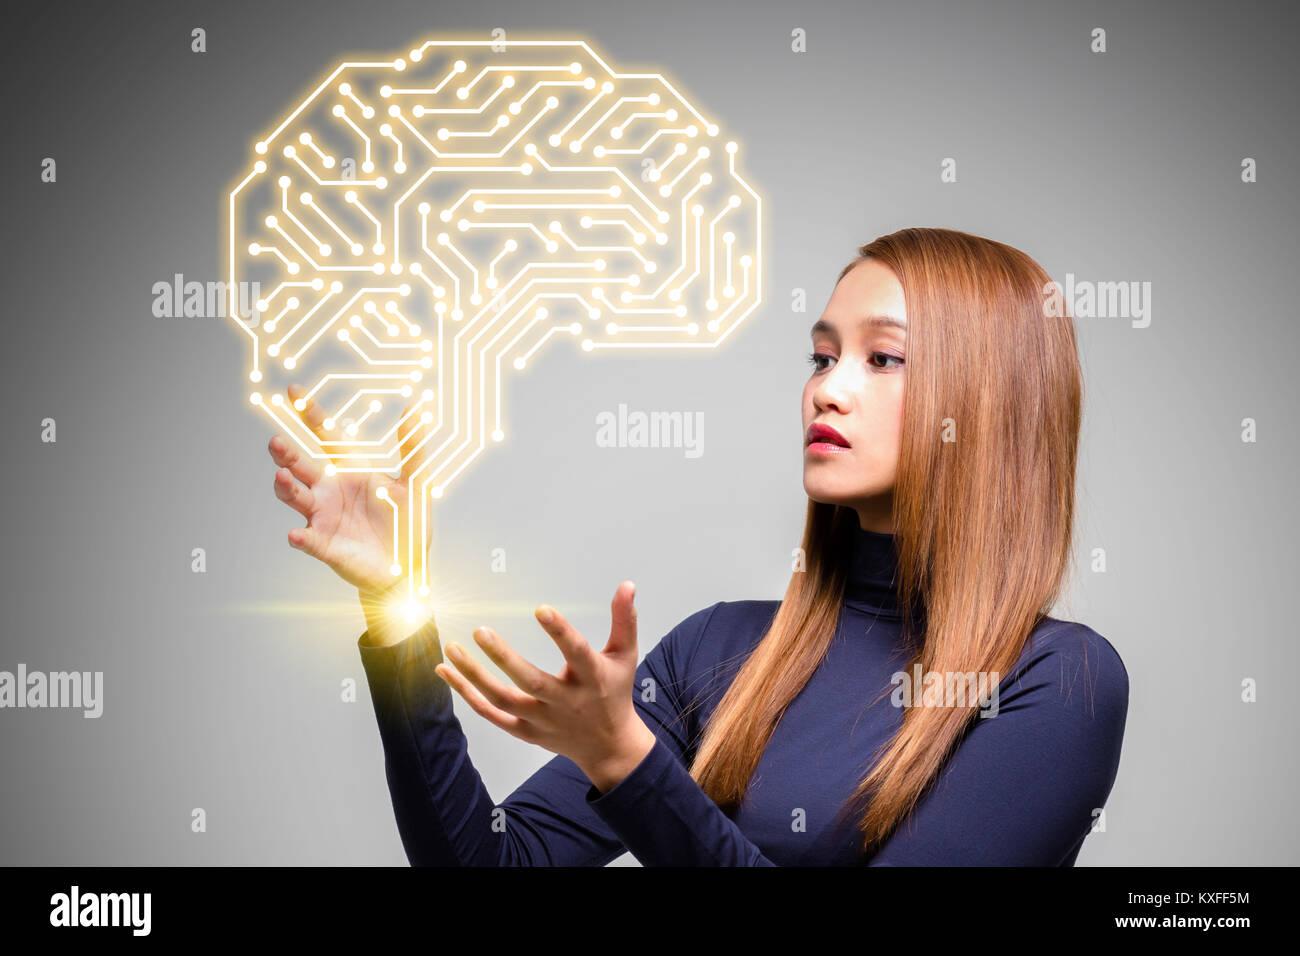 AI (Inteligencia Artificial) Concepto, 3D rendering Imagen De Stock